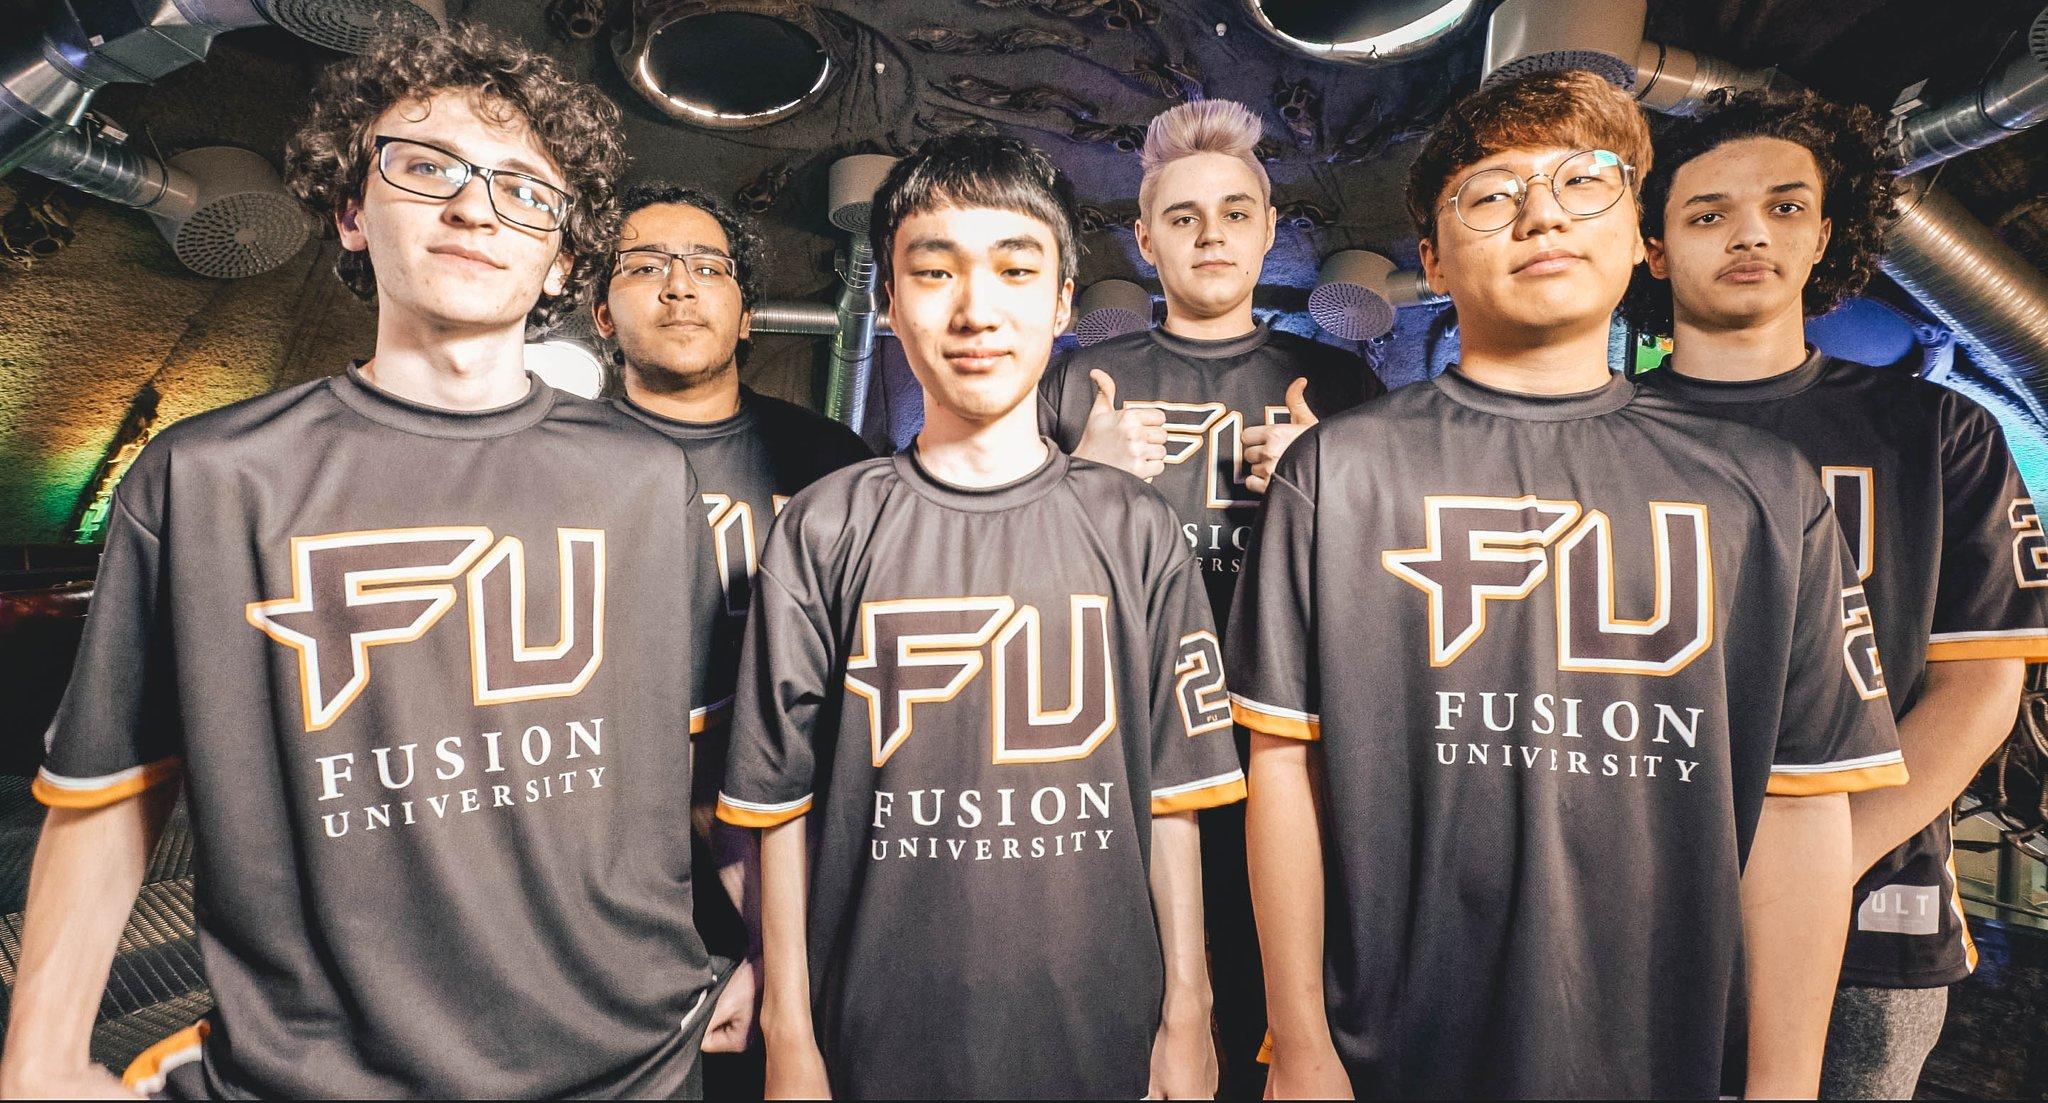 Overwatch: Trikots der Fusion University gebannt, weil … FU